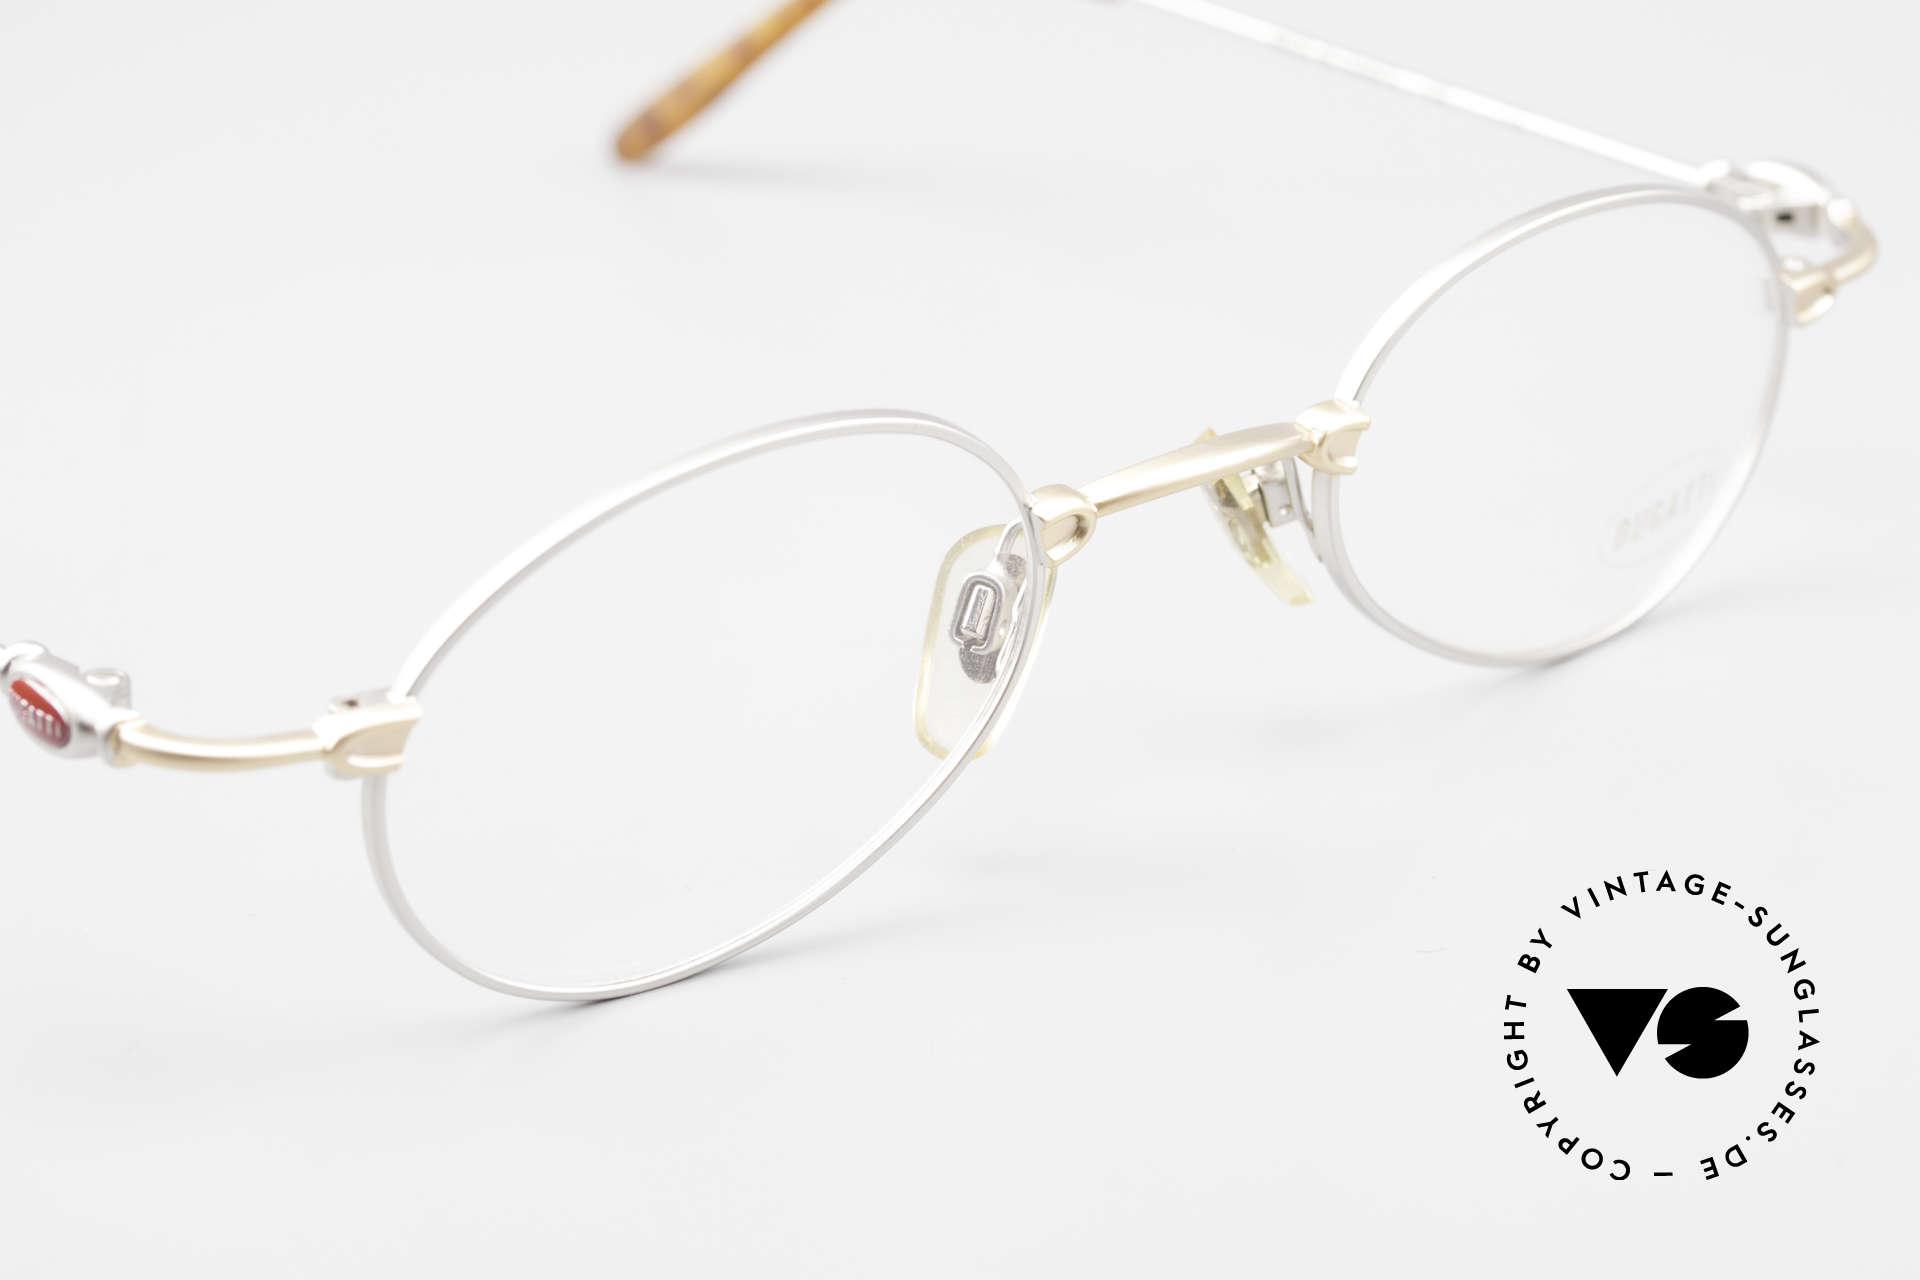 Bugatti 10759 Vintage Brille Herren 90er, KEINE Retrobrille; ein ORIGINAL aus den späten 90ern!, Passend für Herren